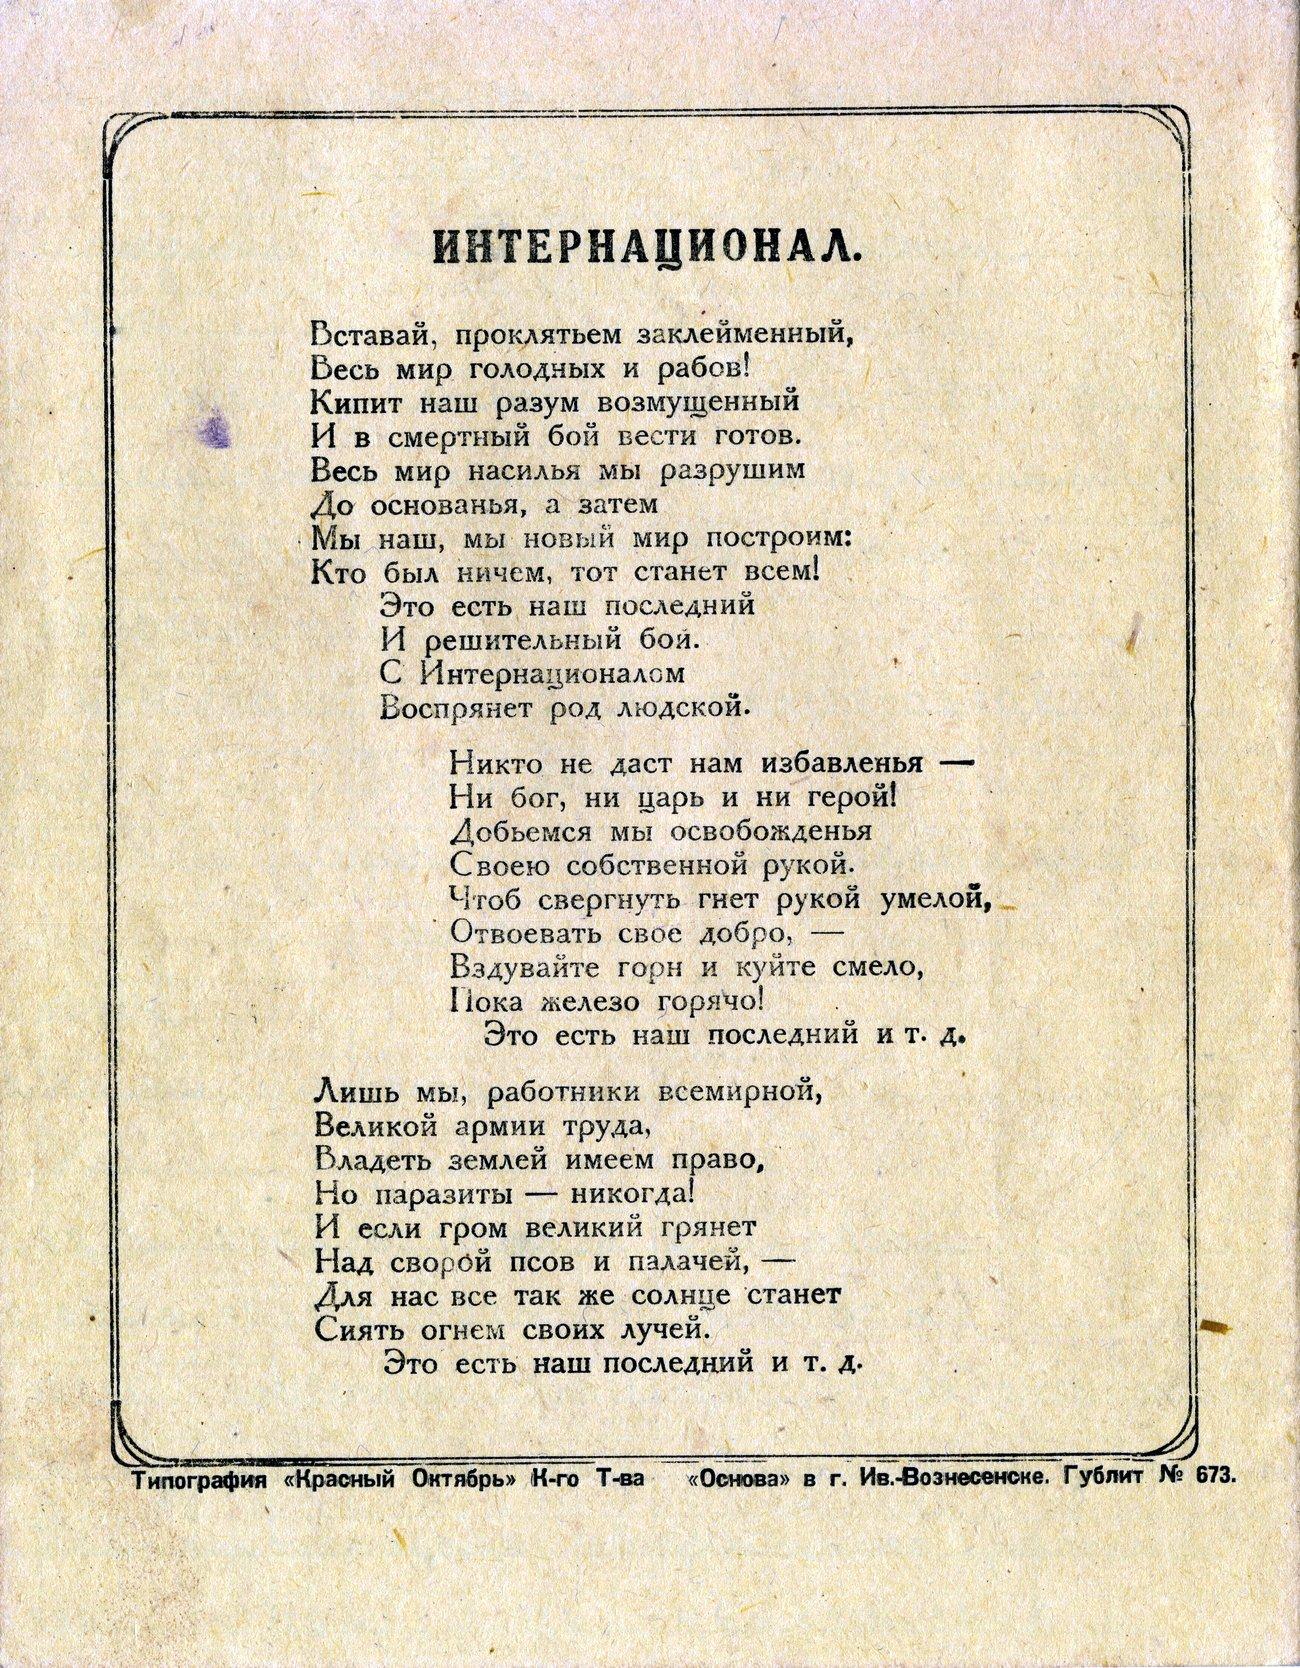 Товарищество Основа, СССР, оборот